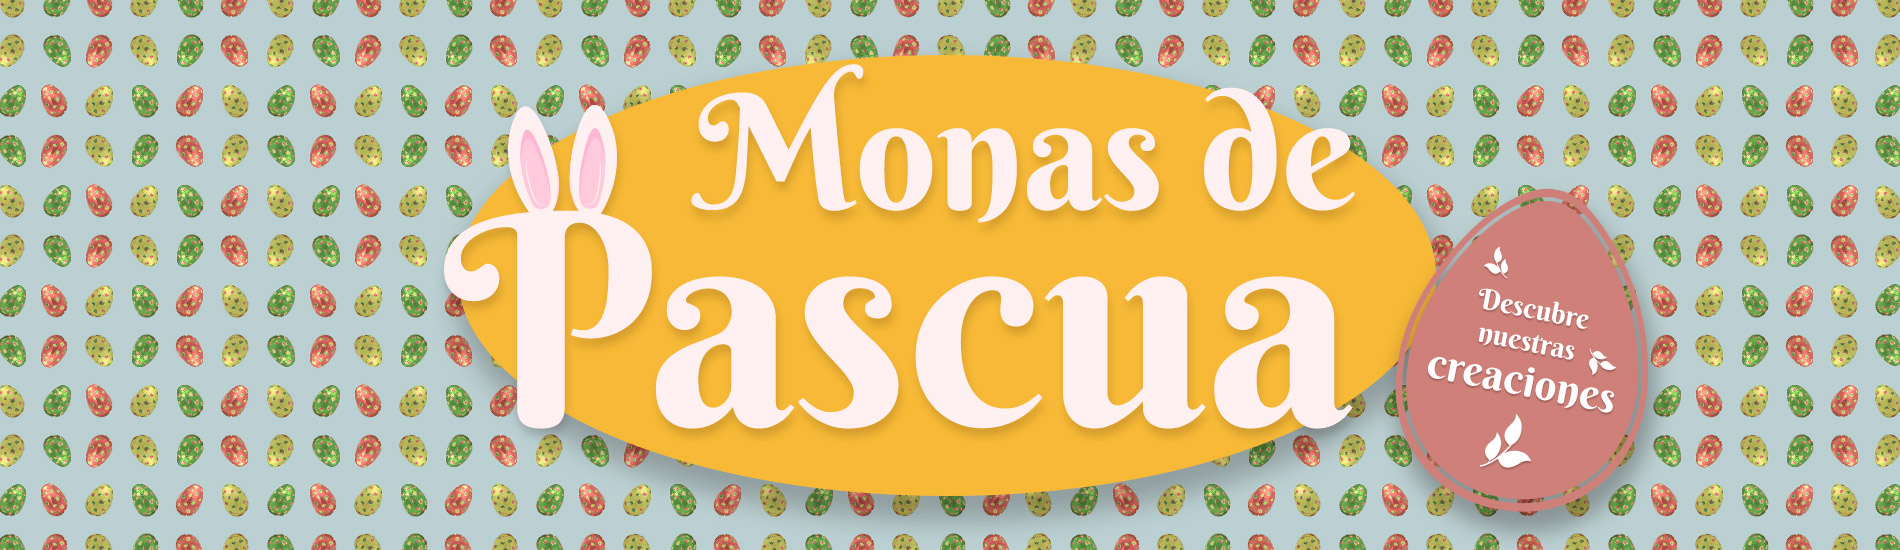 Monas de Pascua originales